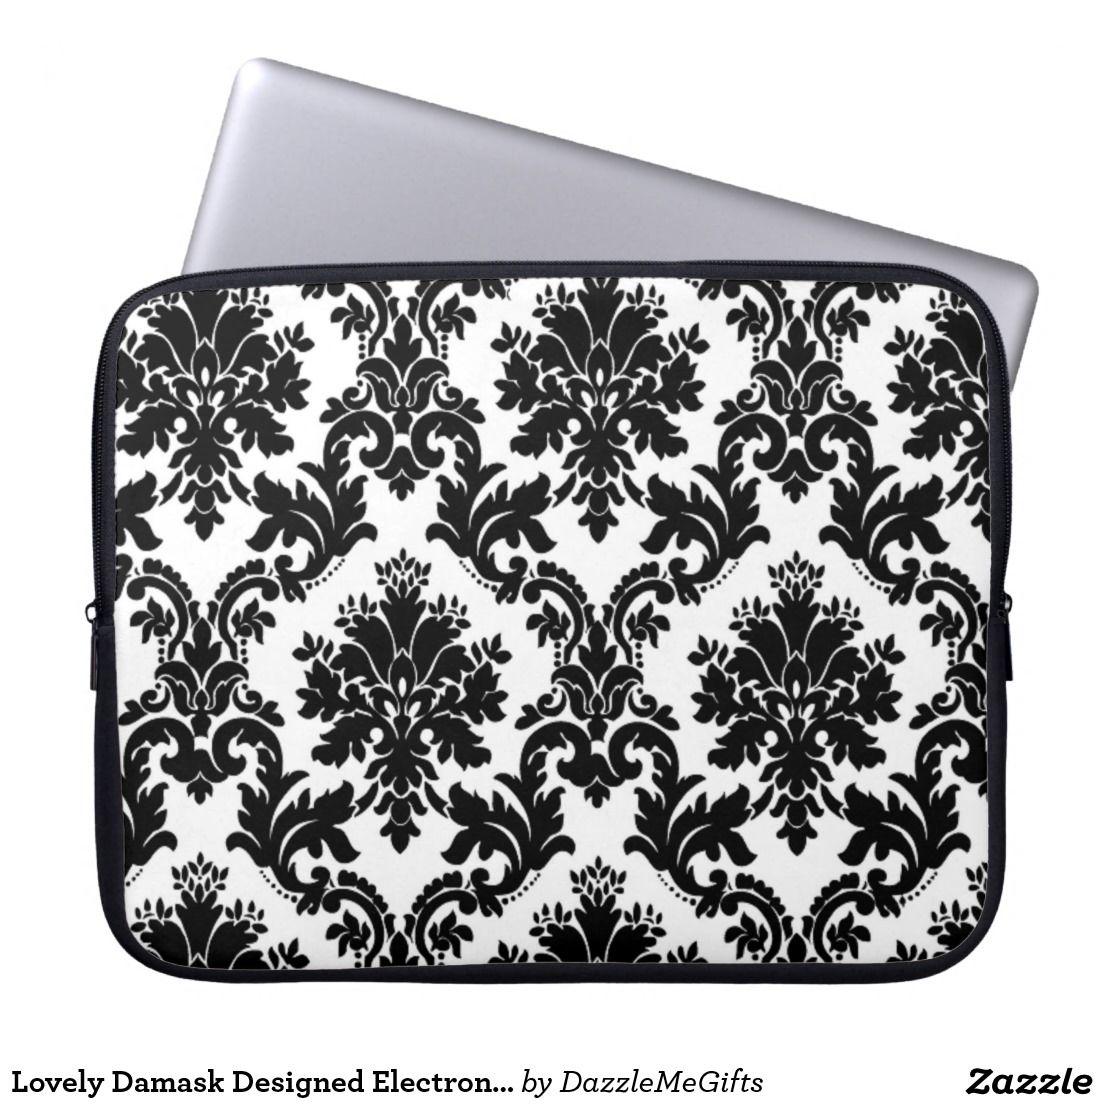 Lovely Damask Designed Electronics Bag Laptop Sleeve